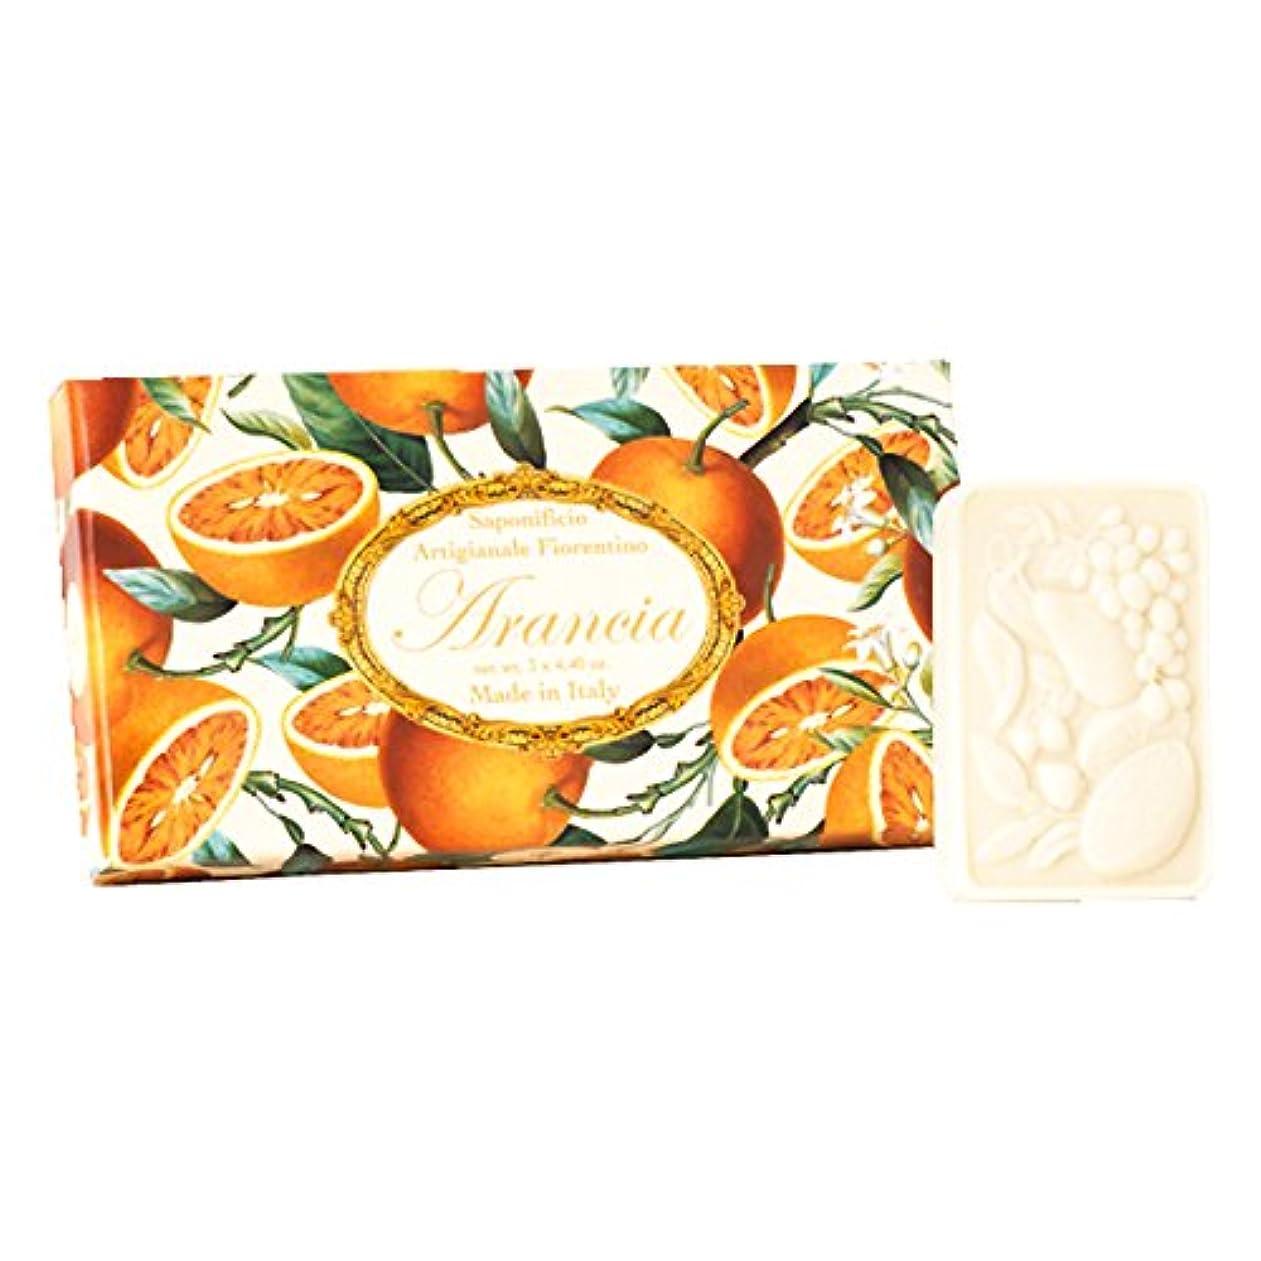 離婚うがい圧倒するフィレンツェの 長い歴史から生まれたこだわり石鹸 オレンジ【刻印125g×3個セット】